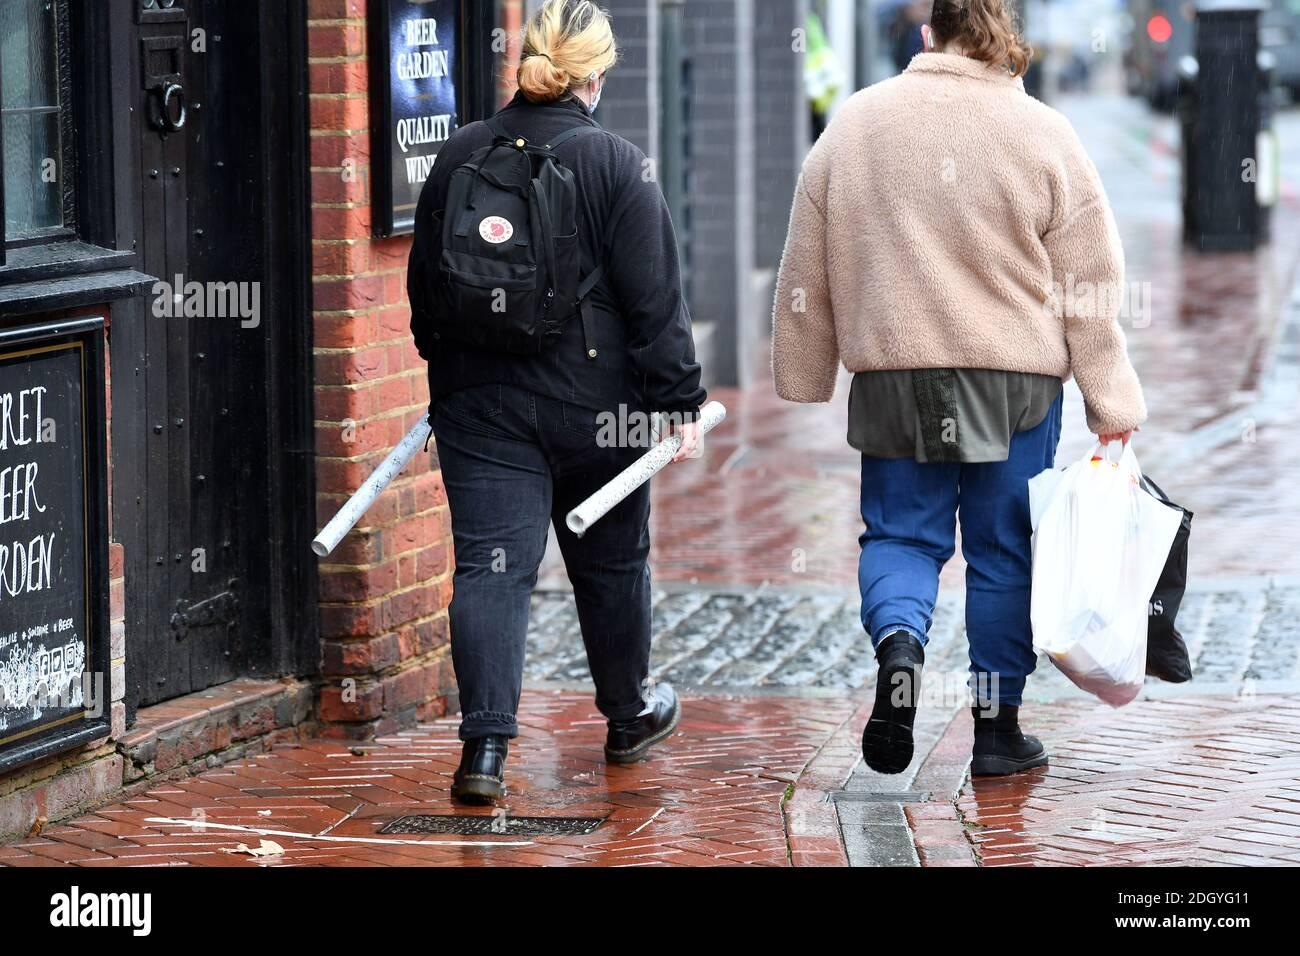 Escenas alrededor de Broad Street, Reading, Berkshire, el día después de Lockdown 2 termina, el jueves 3 de diciembre de 2020. Foto de stock